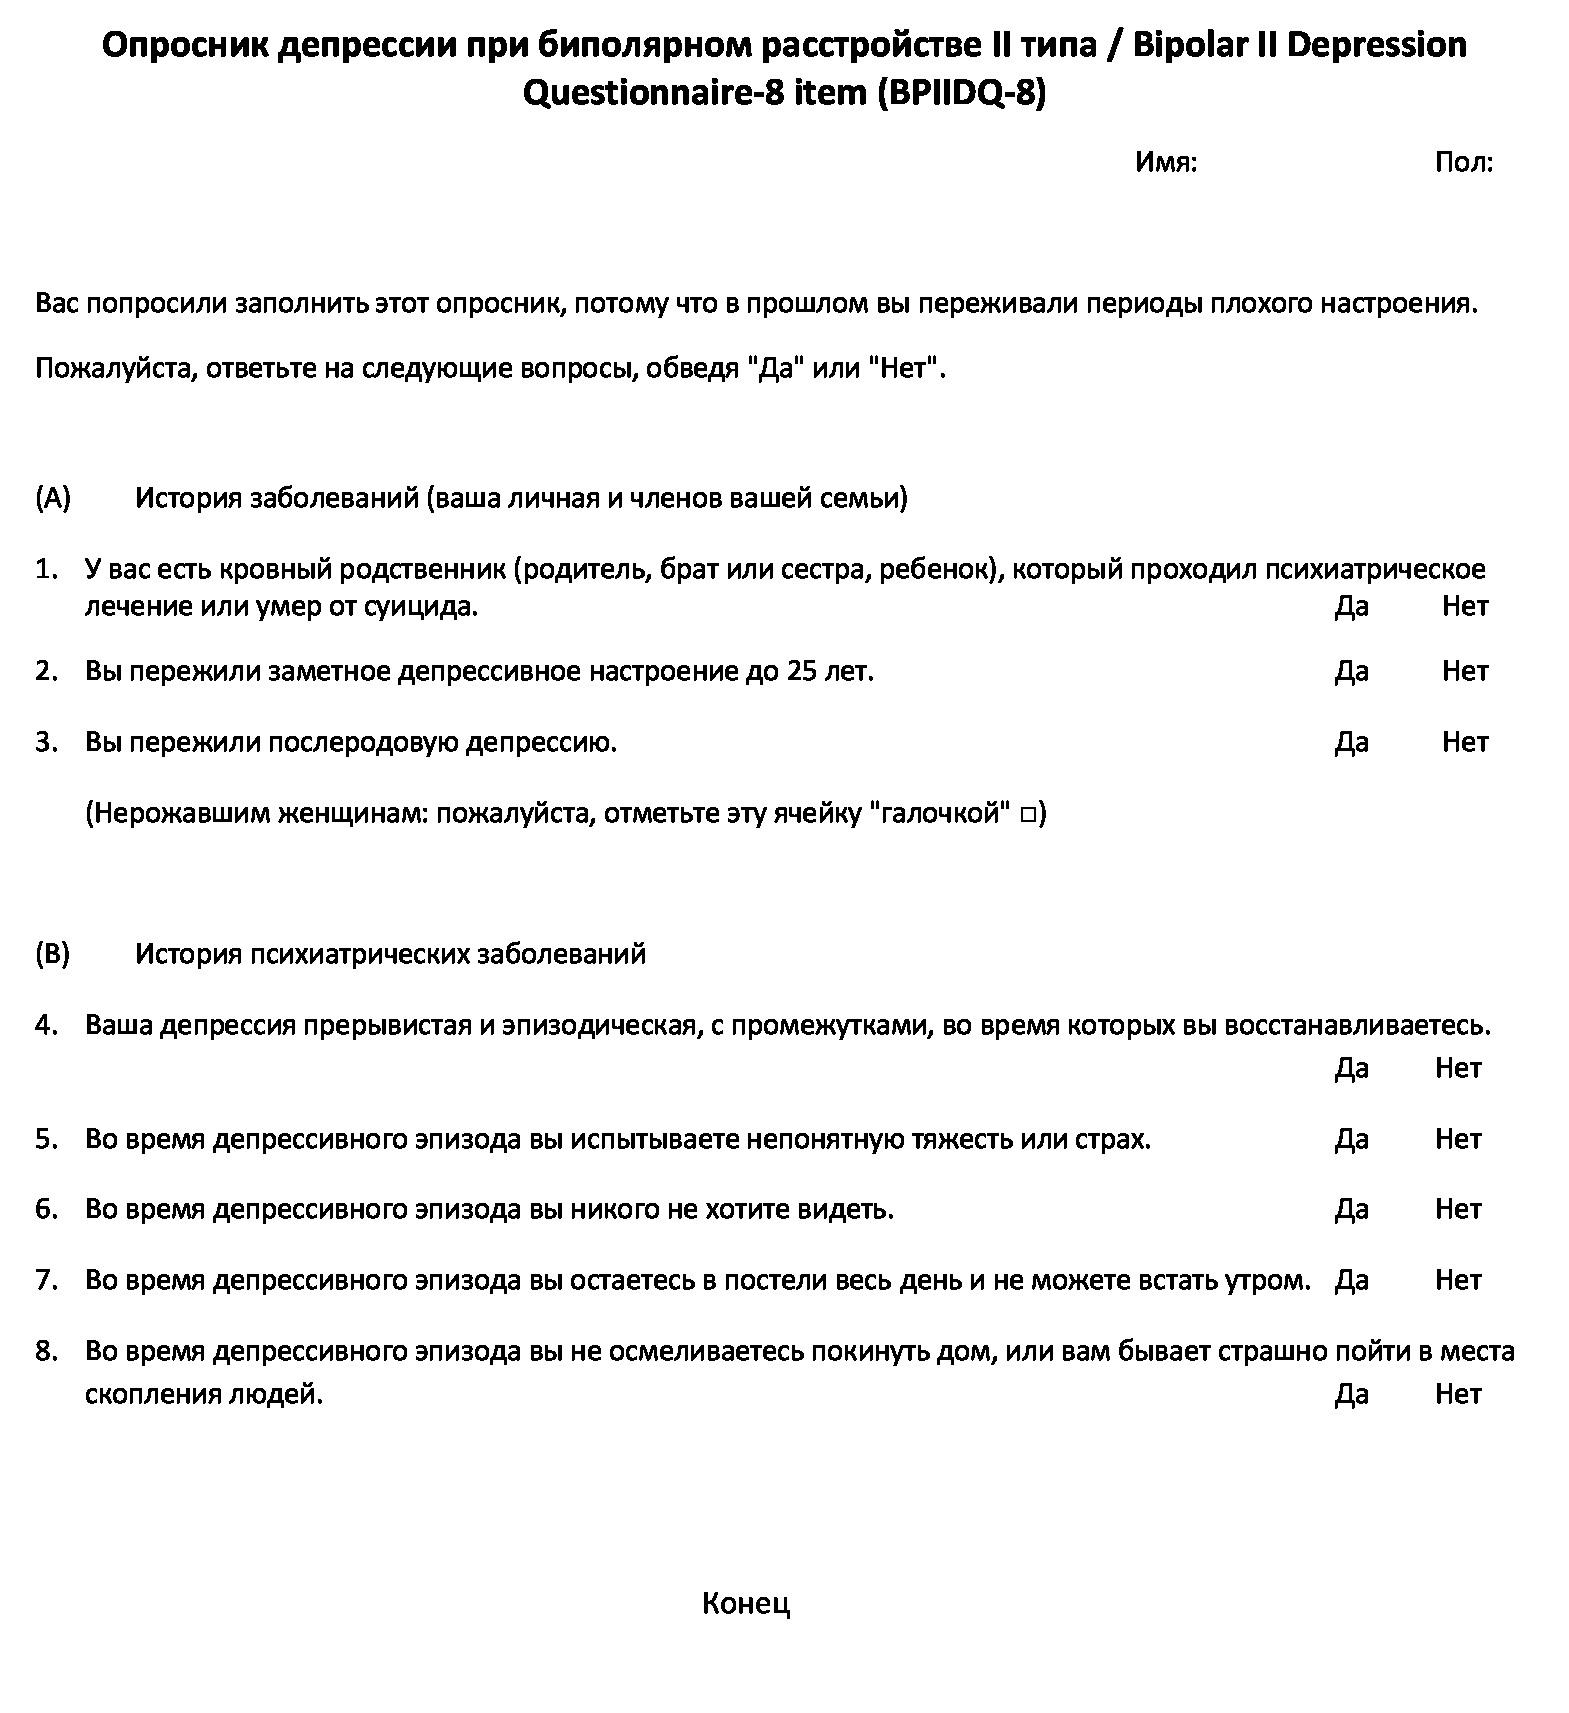 Опросник депрессии при биполярном расстройстве II типа Bipolar II Depression Questionnaire-8 item BPIIDQ-8